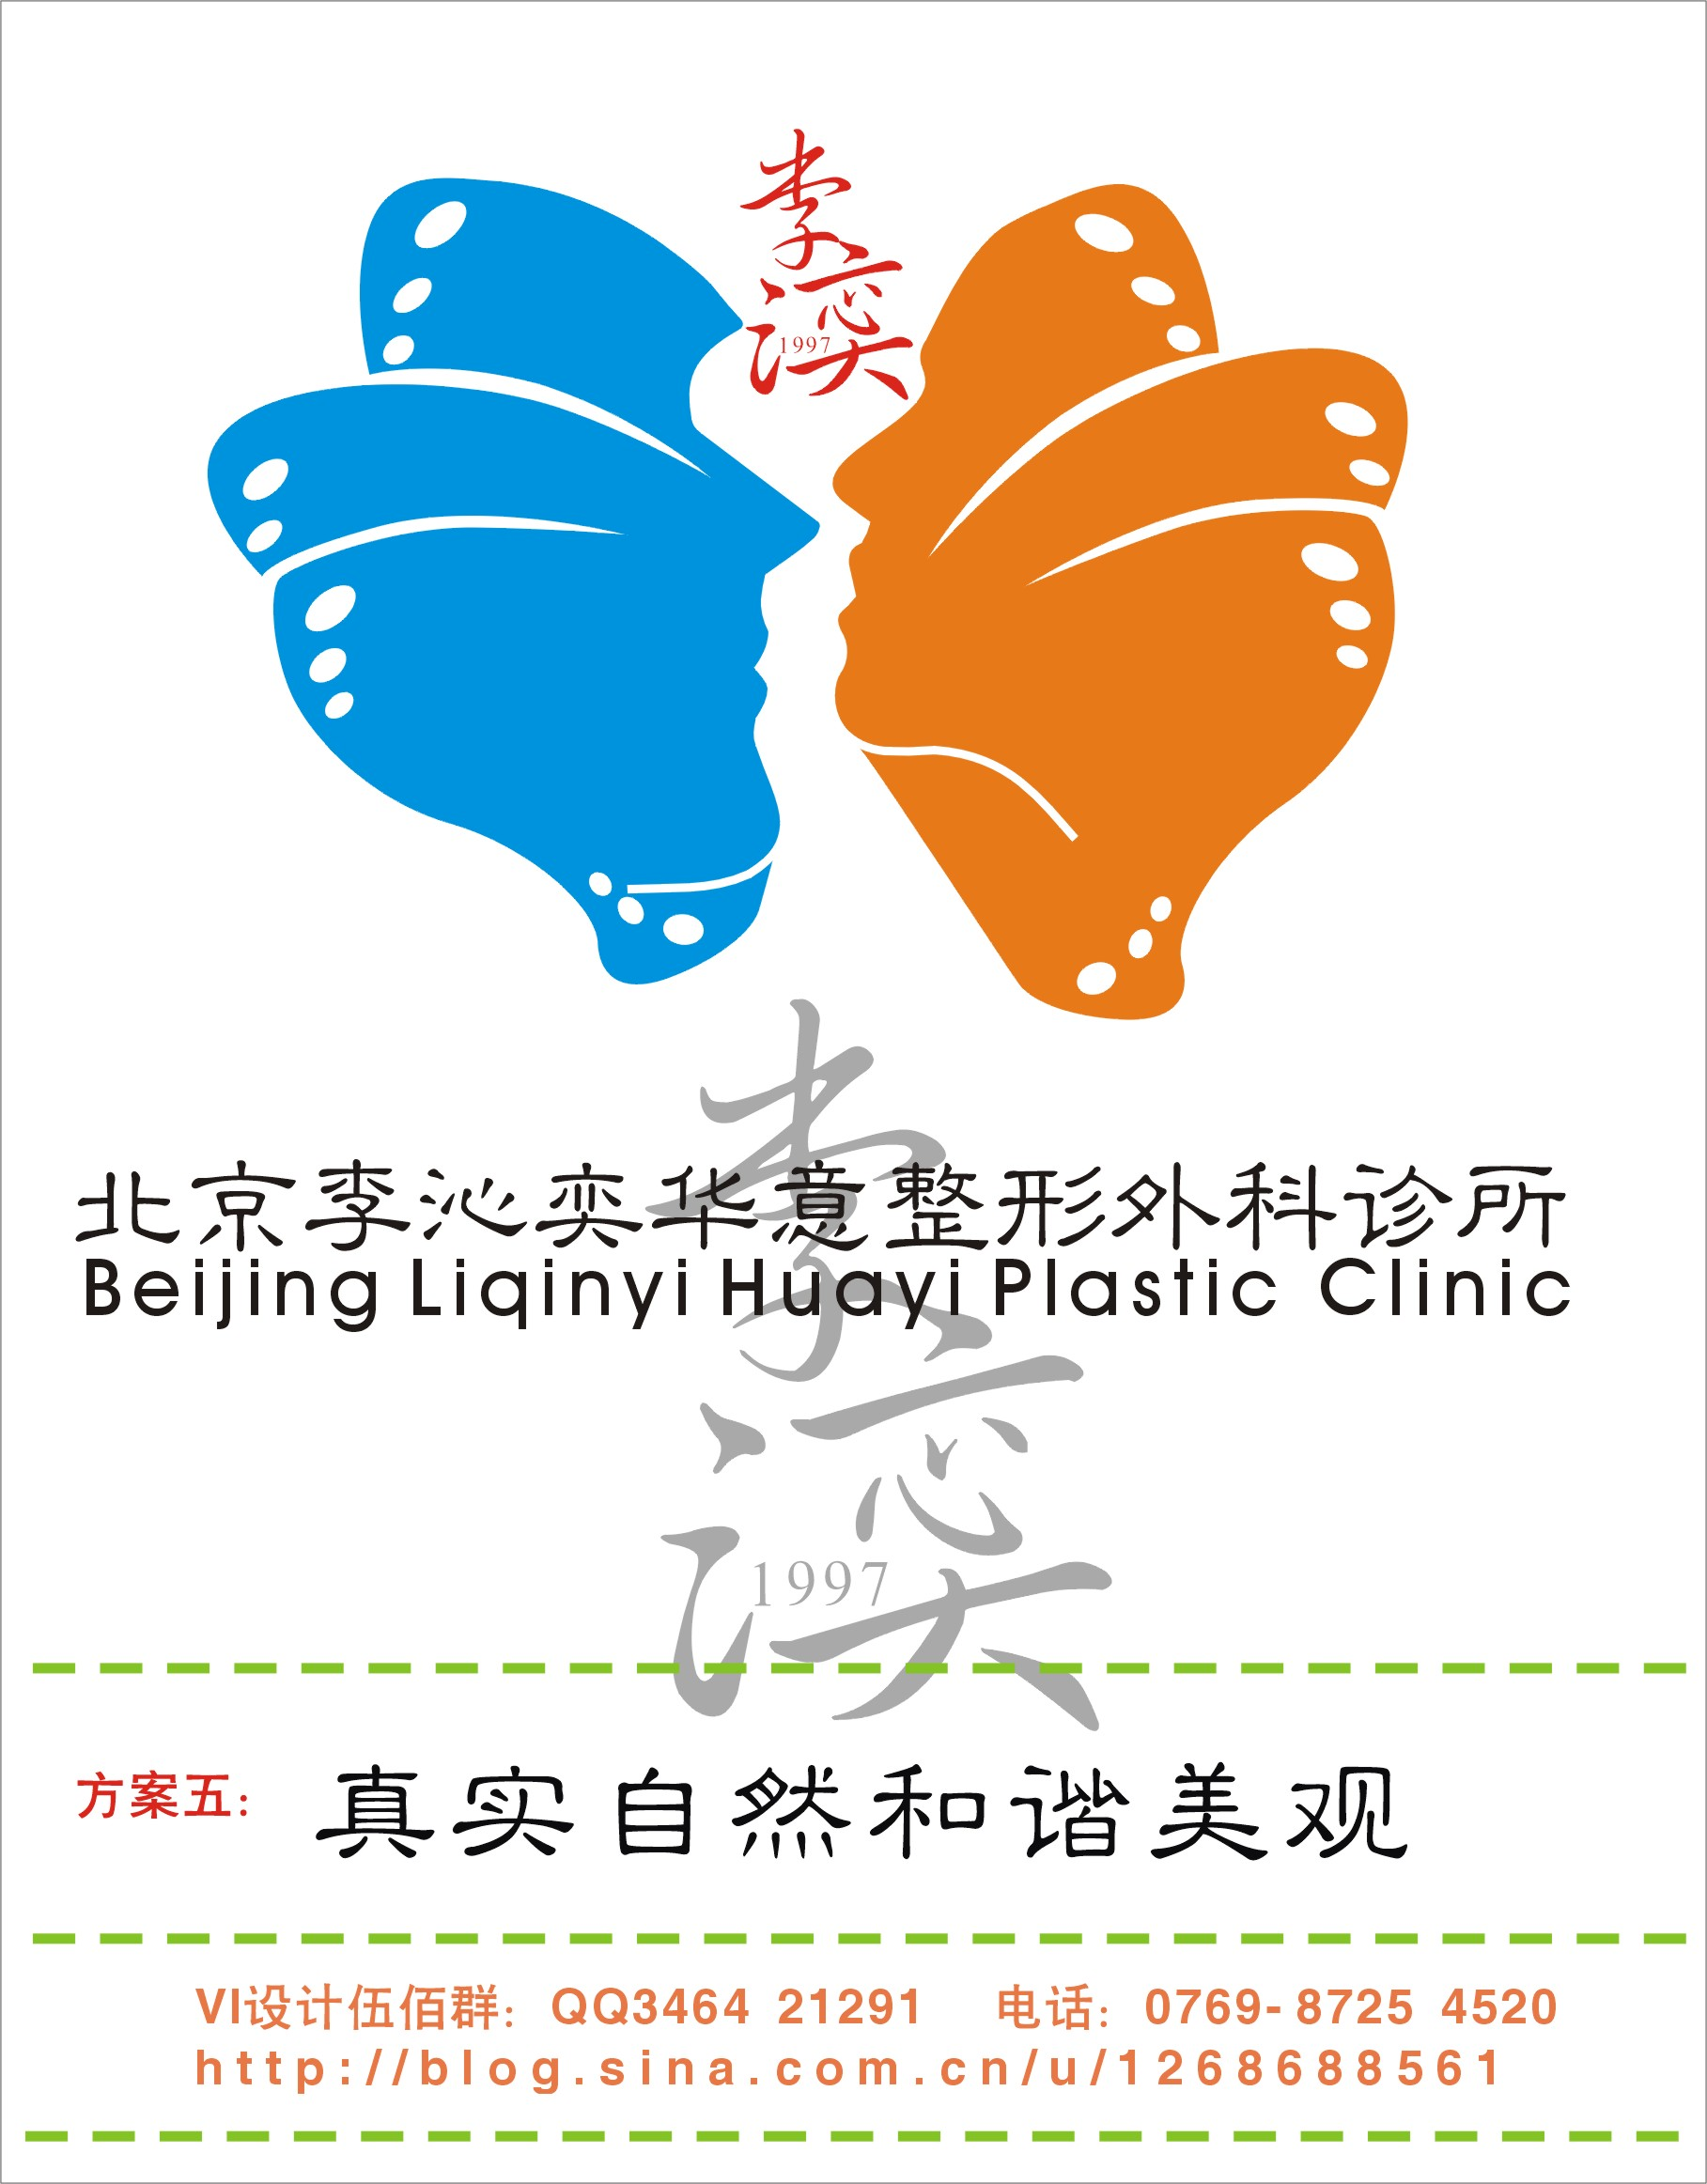 李沁奕整形外科医院logo设计-500元-3559号任务-威客